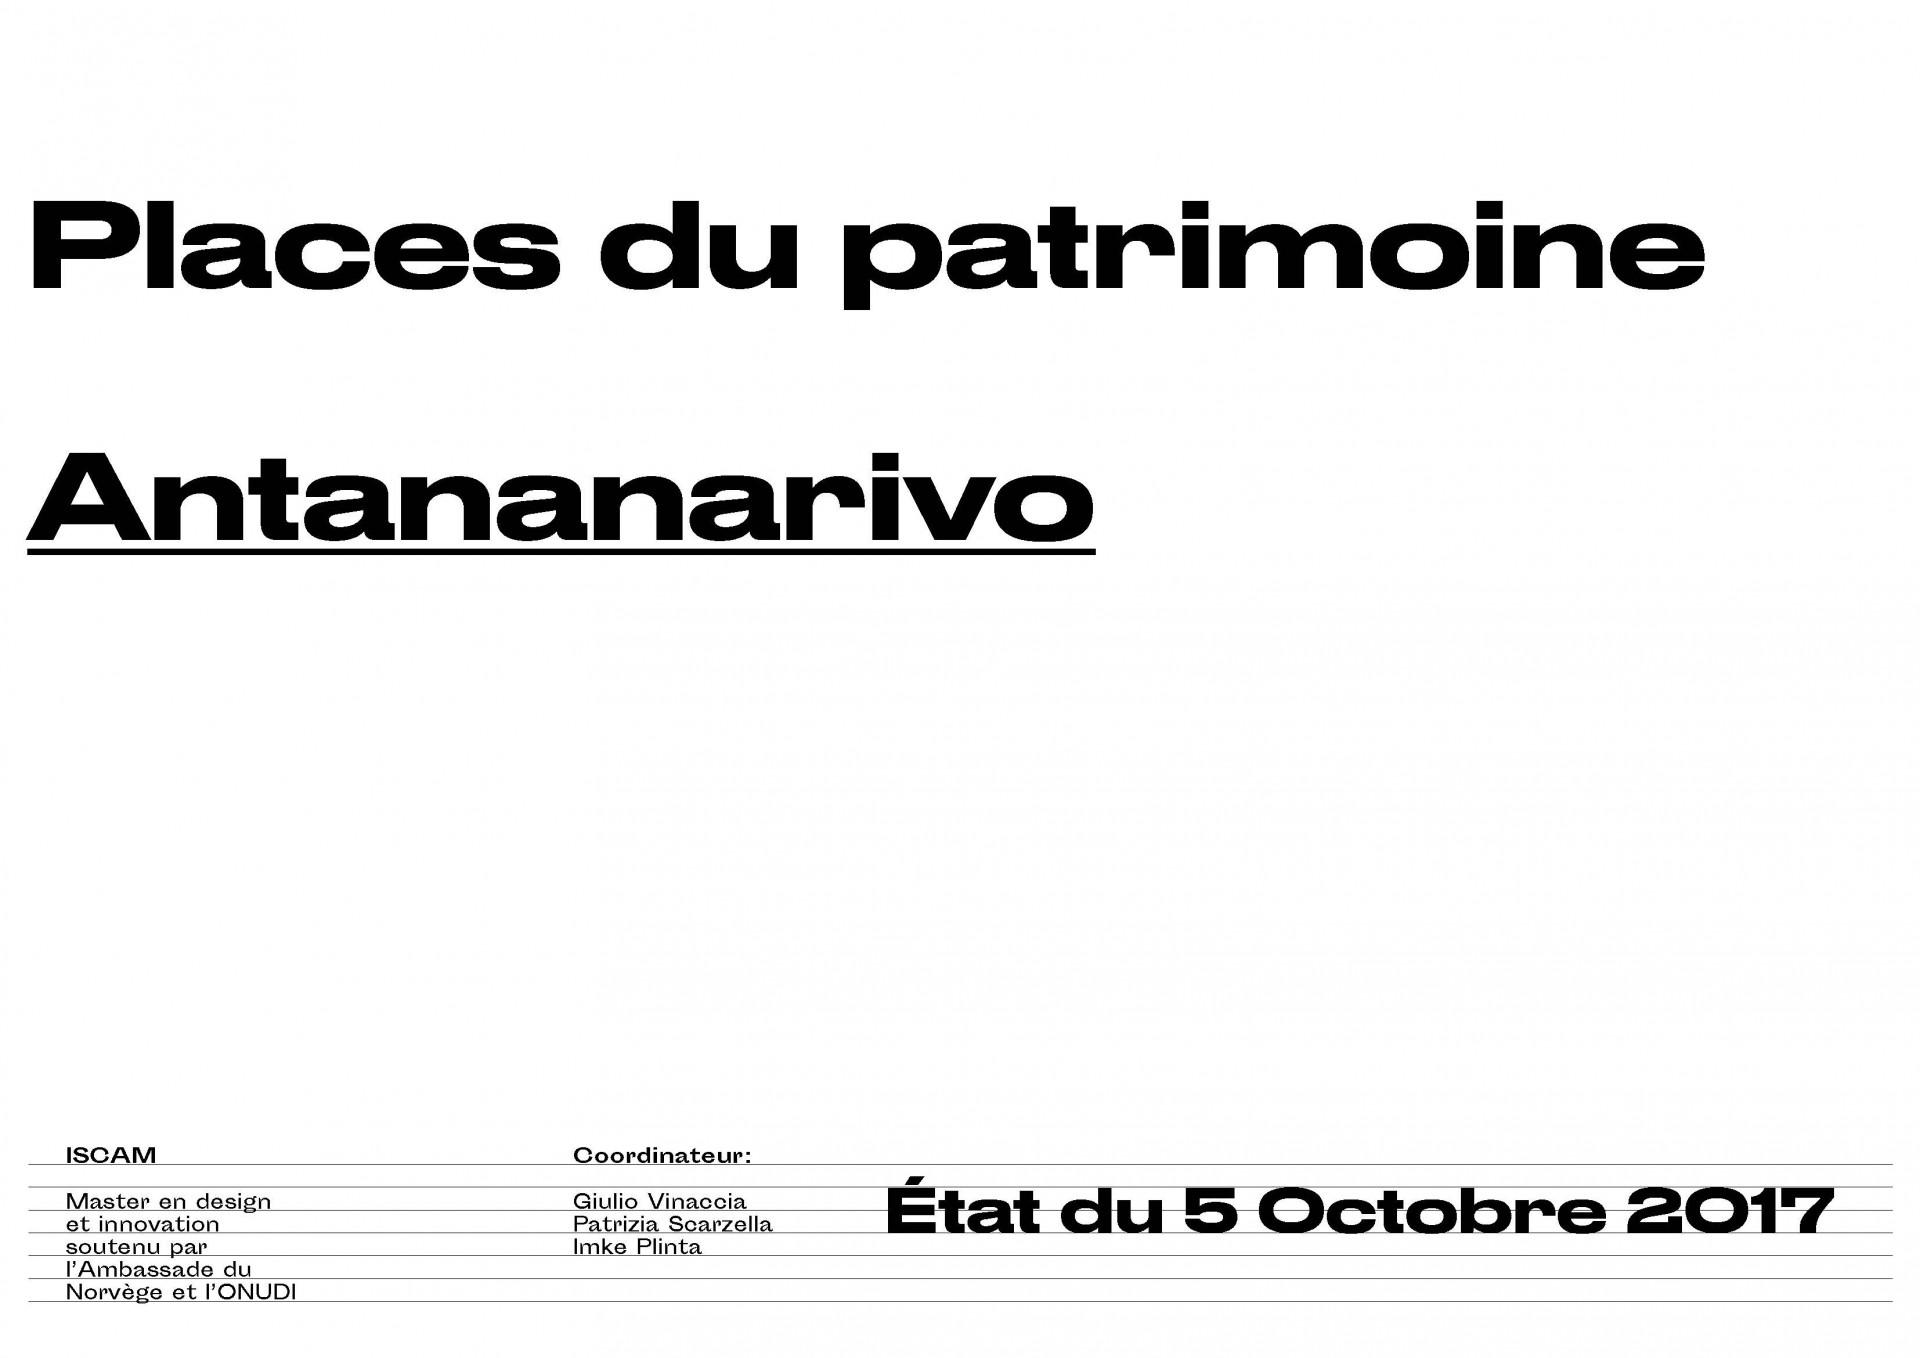 Places en Relation Antananarivo